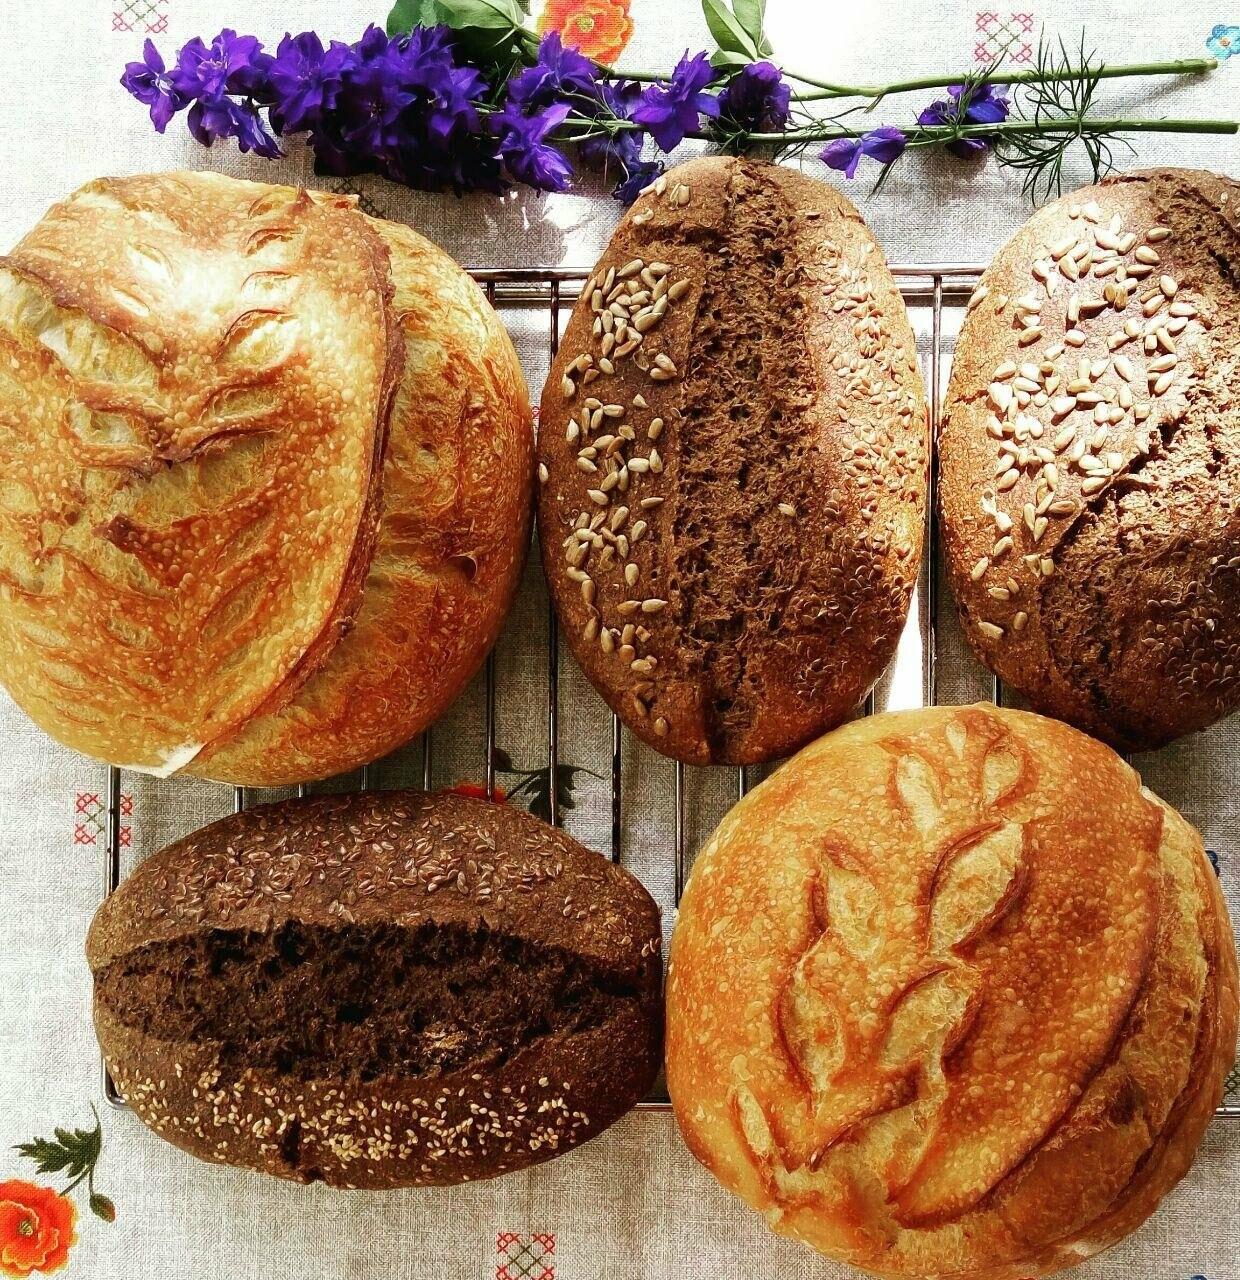 """Вы уже пробовали невероятный хлеб на закваске от бердянской пекарни """"Хлібне місто""""?, фото-6"""